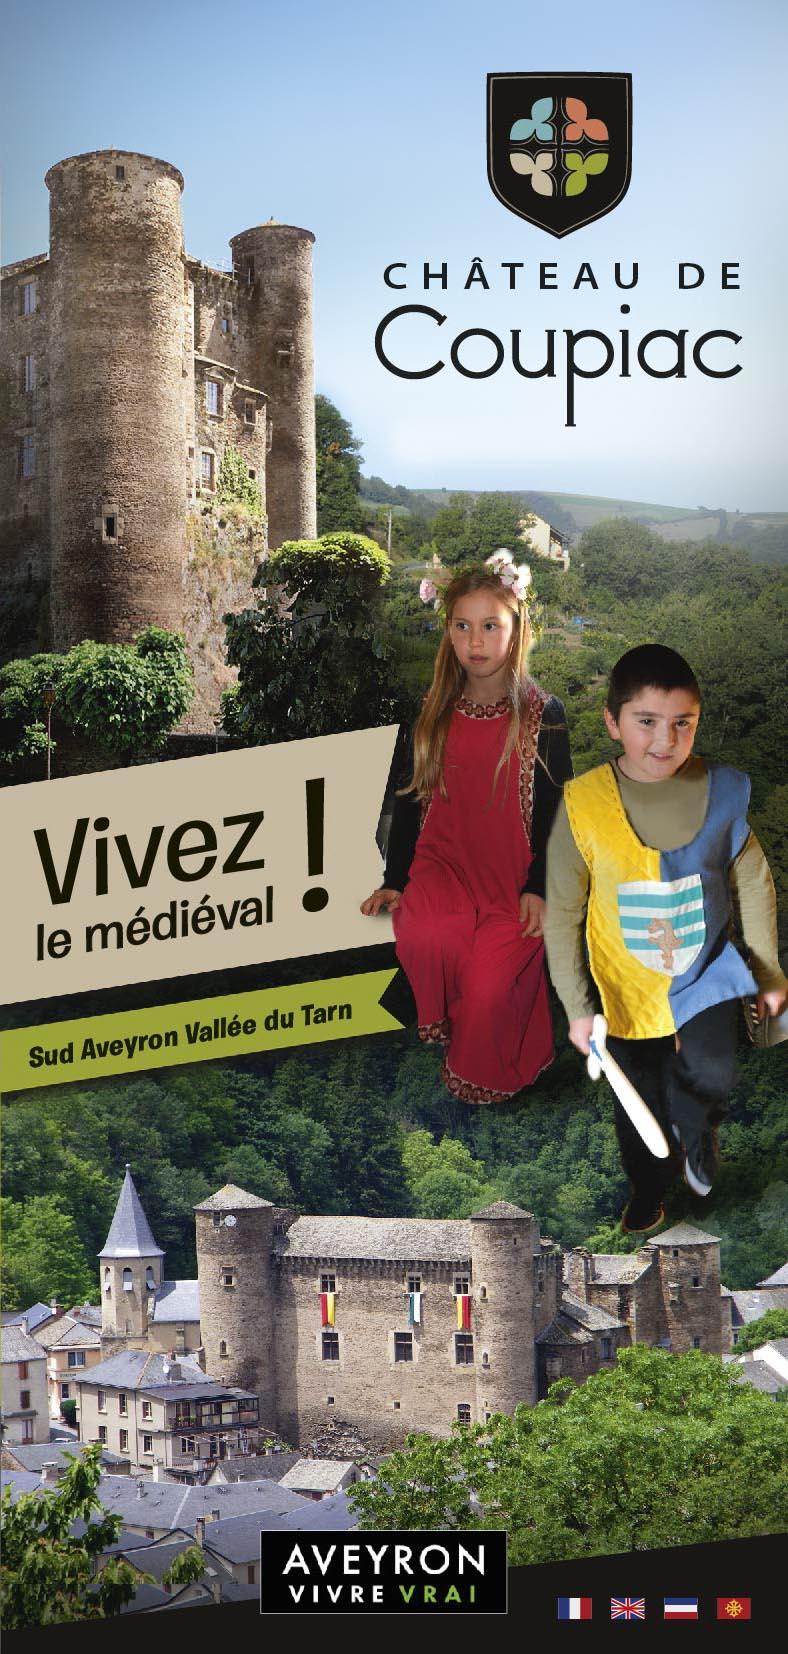 Dépliant touristique – Château de Coupiac